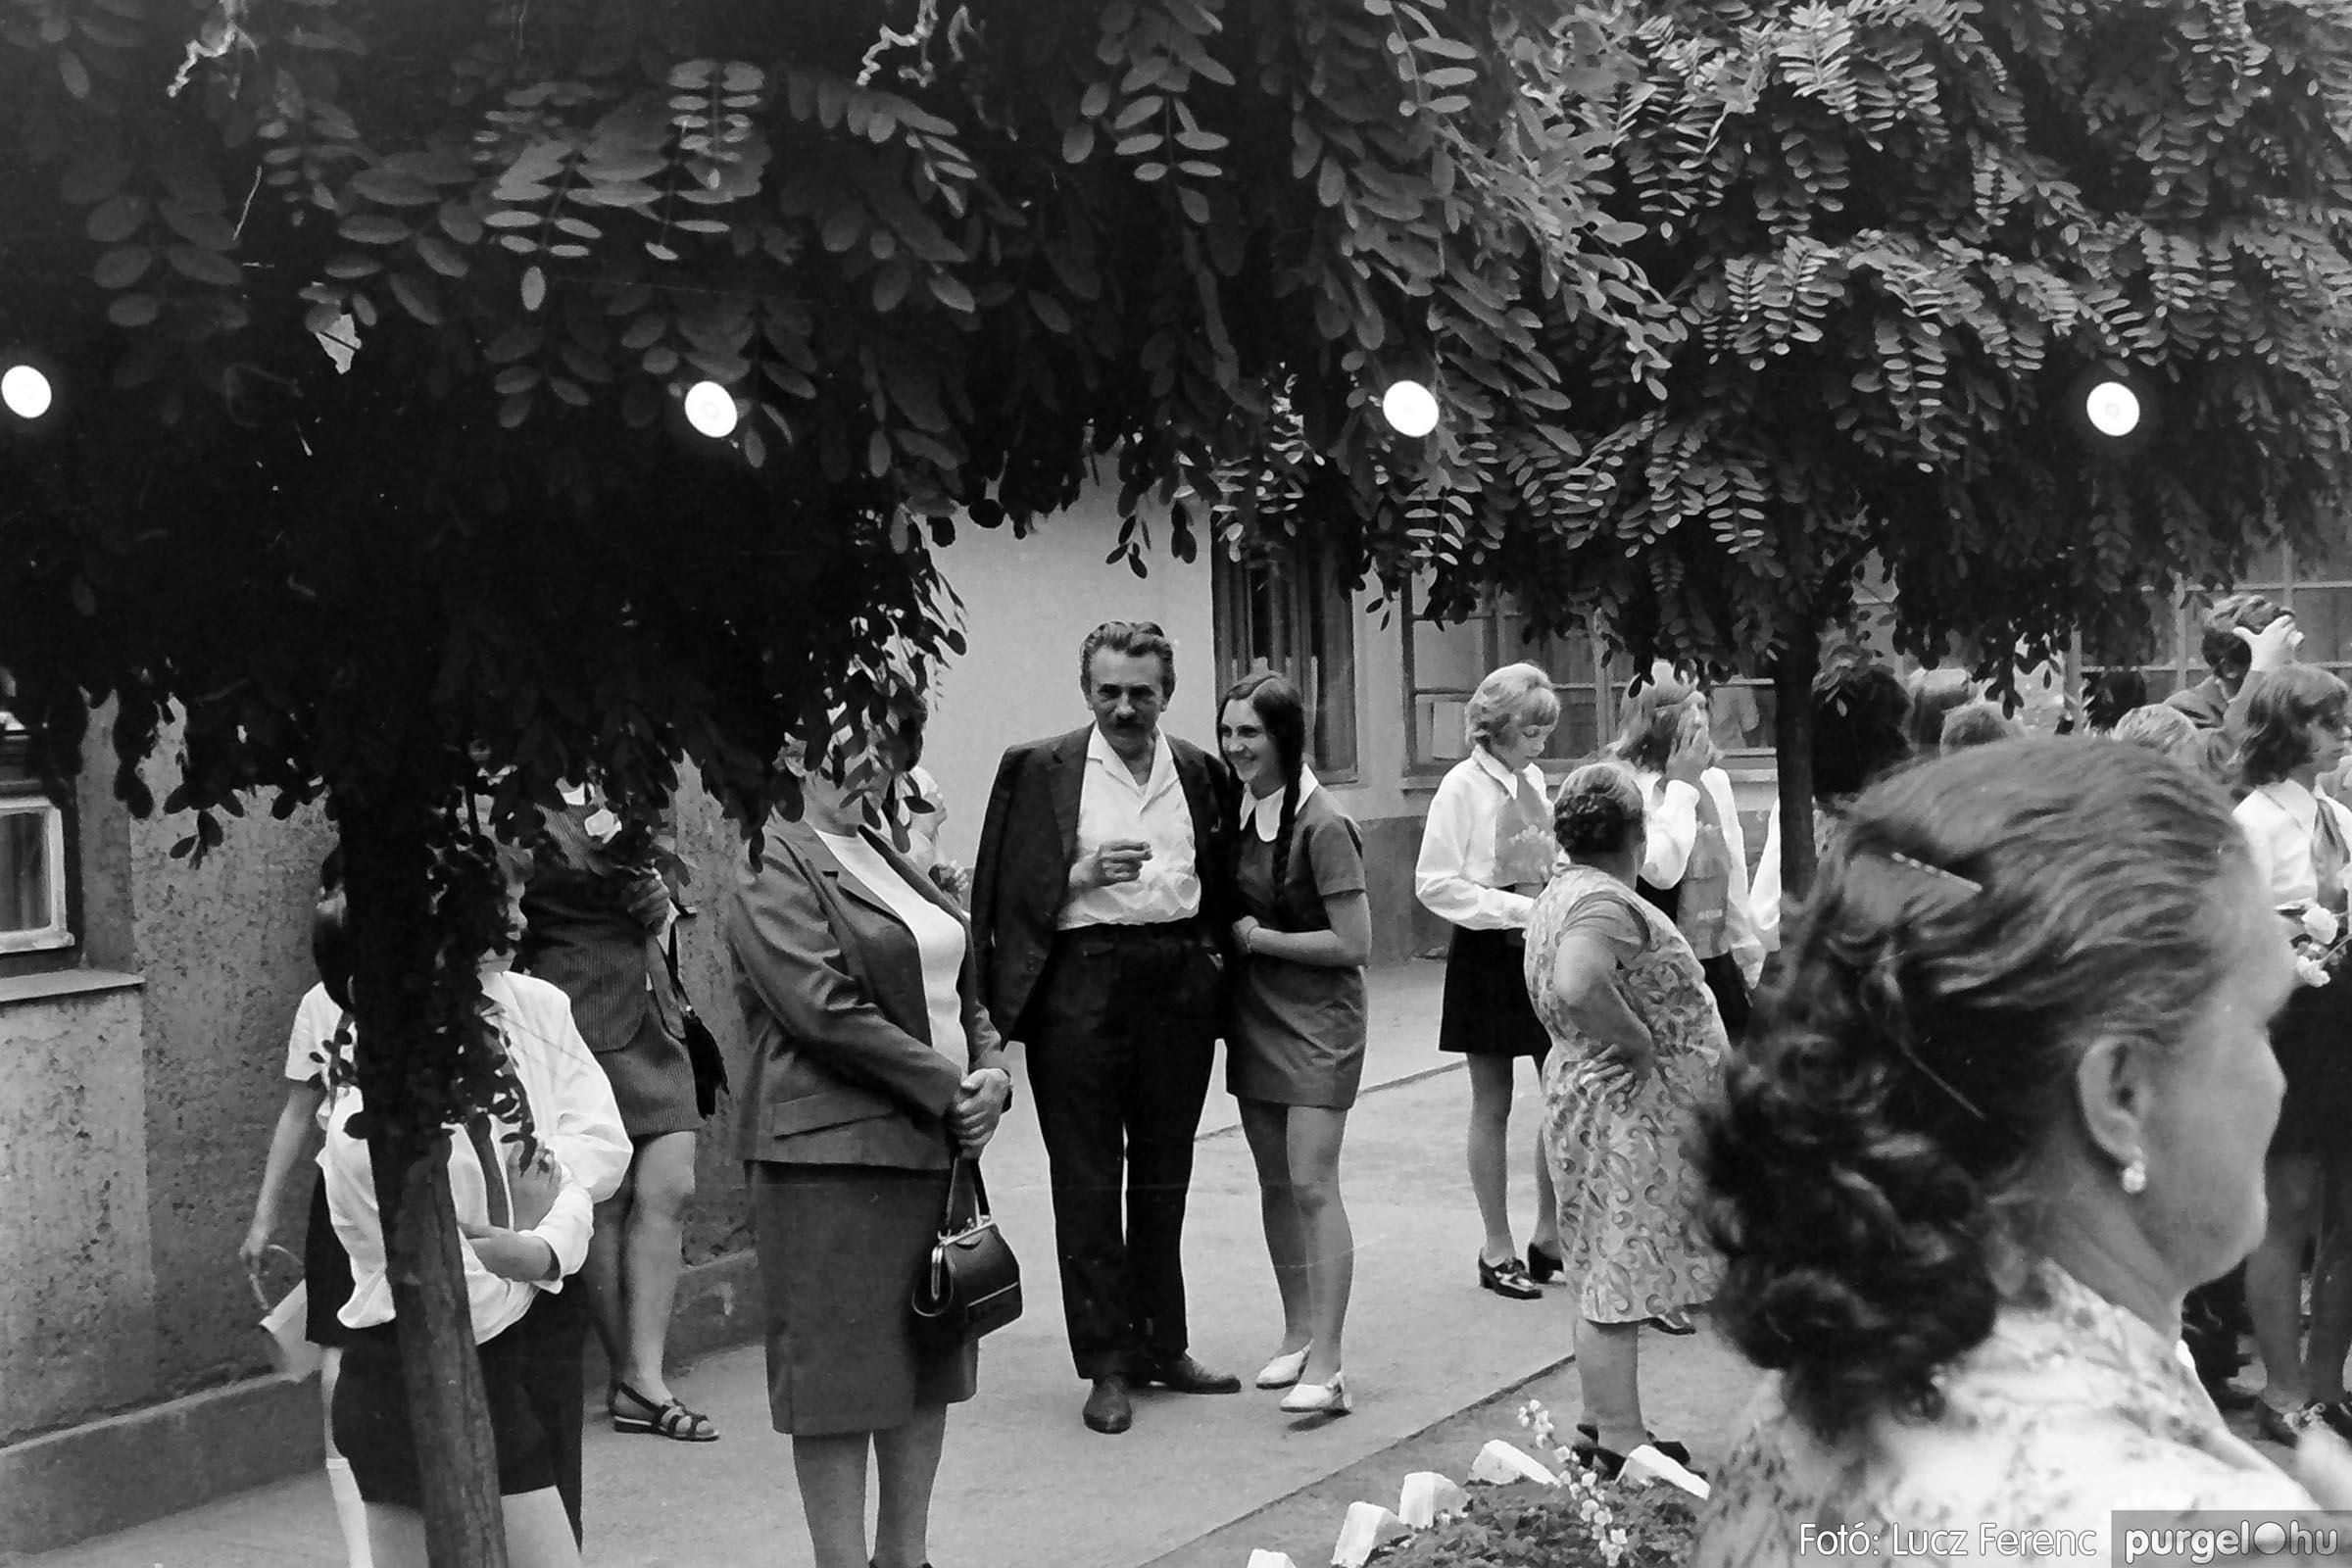 001 1972.05.27. Ballagás a szegvári iskolában 035 - Fotó: Lucz Ferenc - IMG01057q.jpg